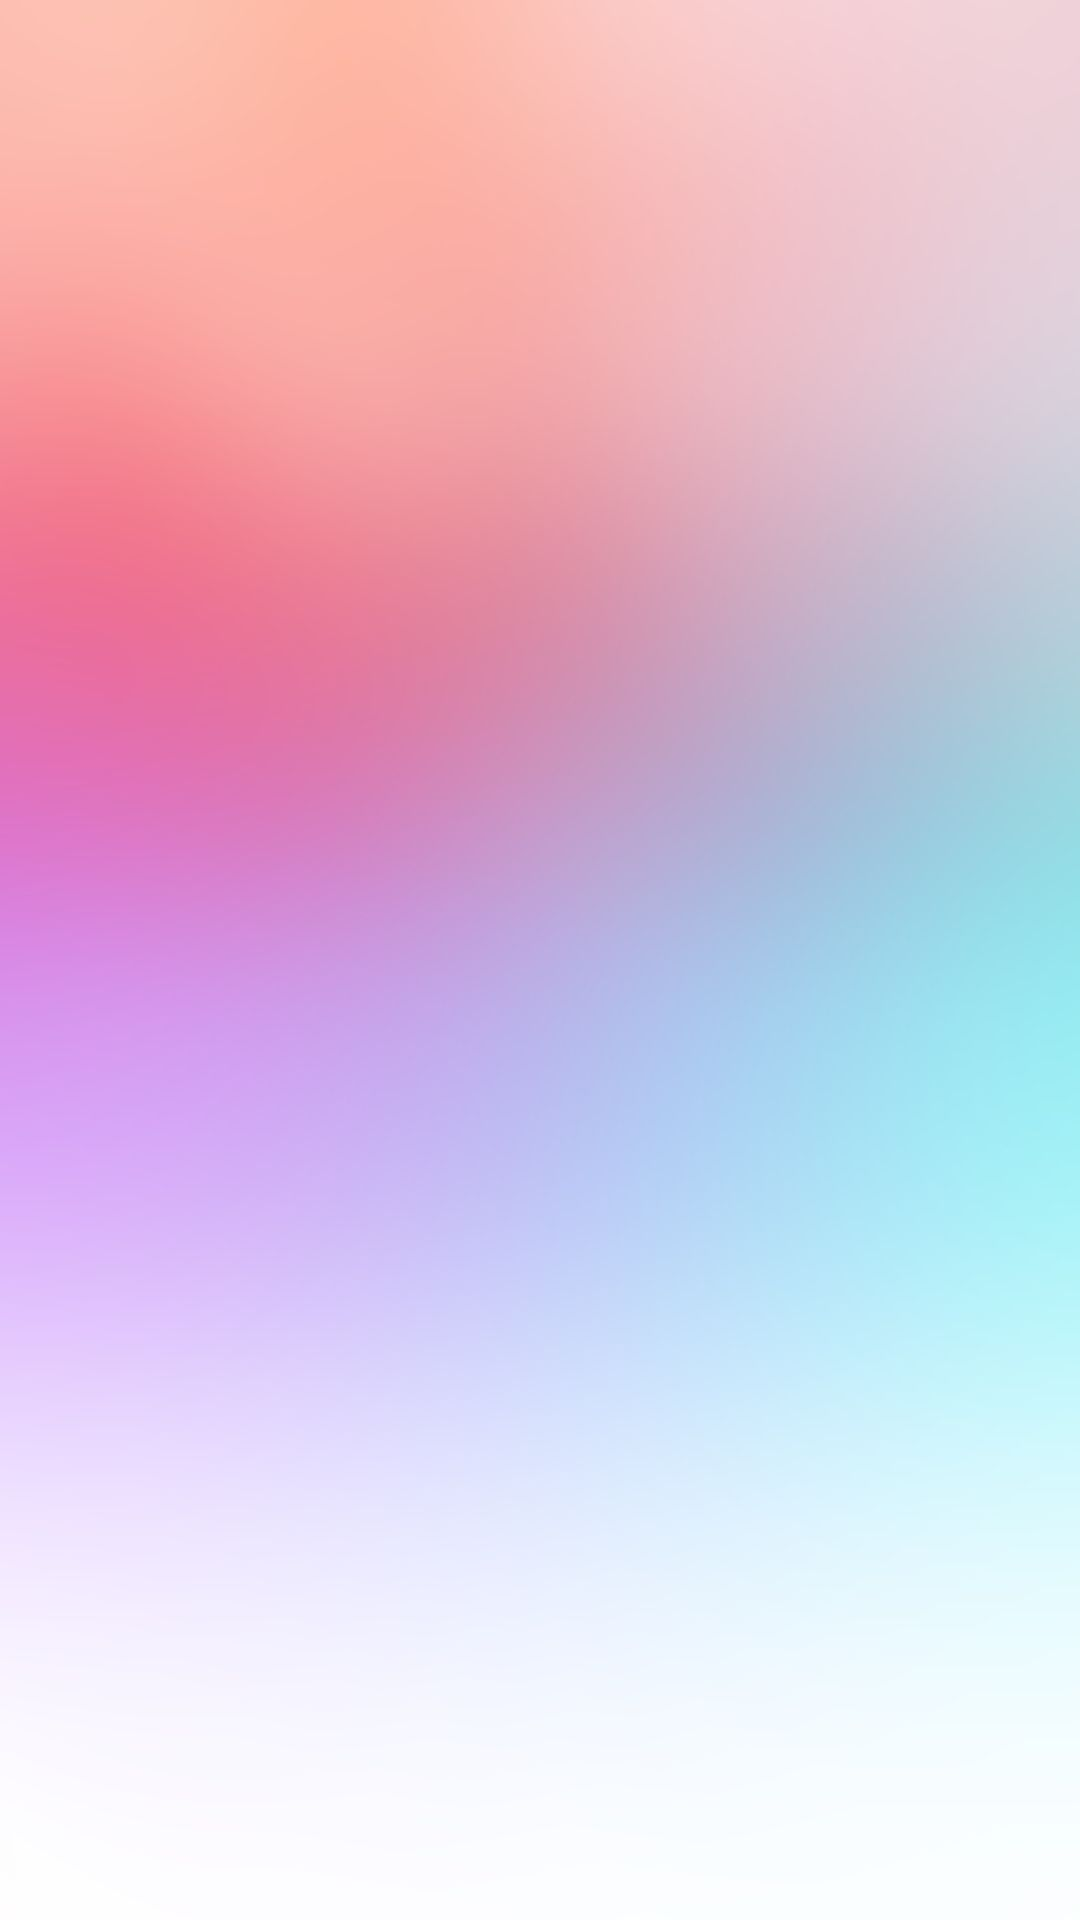 Most Inspiring Wallpaper Music Macbook - b687599d203c2e6a204bd7f022c14f6d  Photograph_827153.jpg